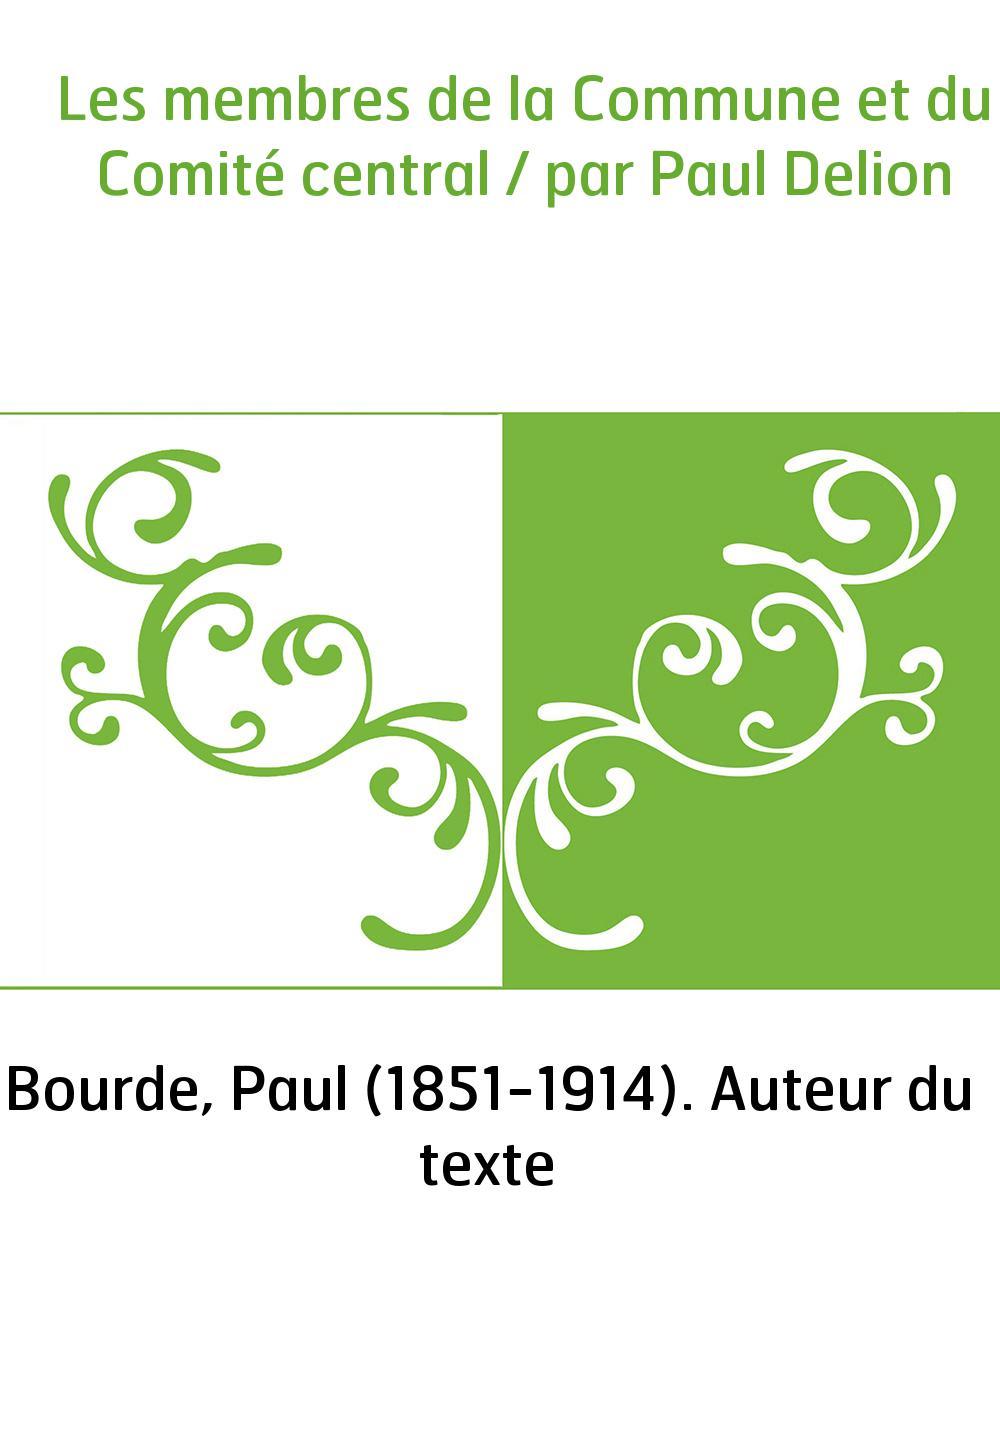 Les membres de la Commune et du Comité central / par Paul Delion